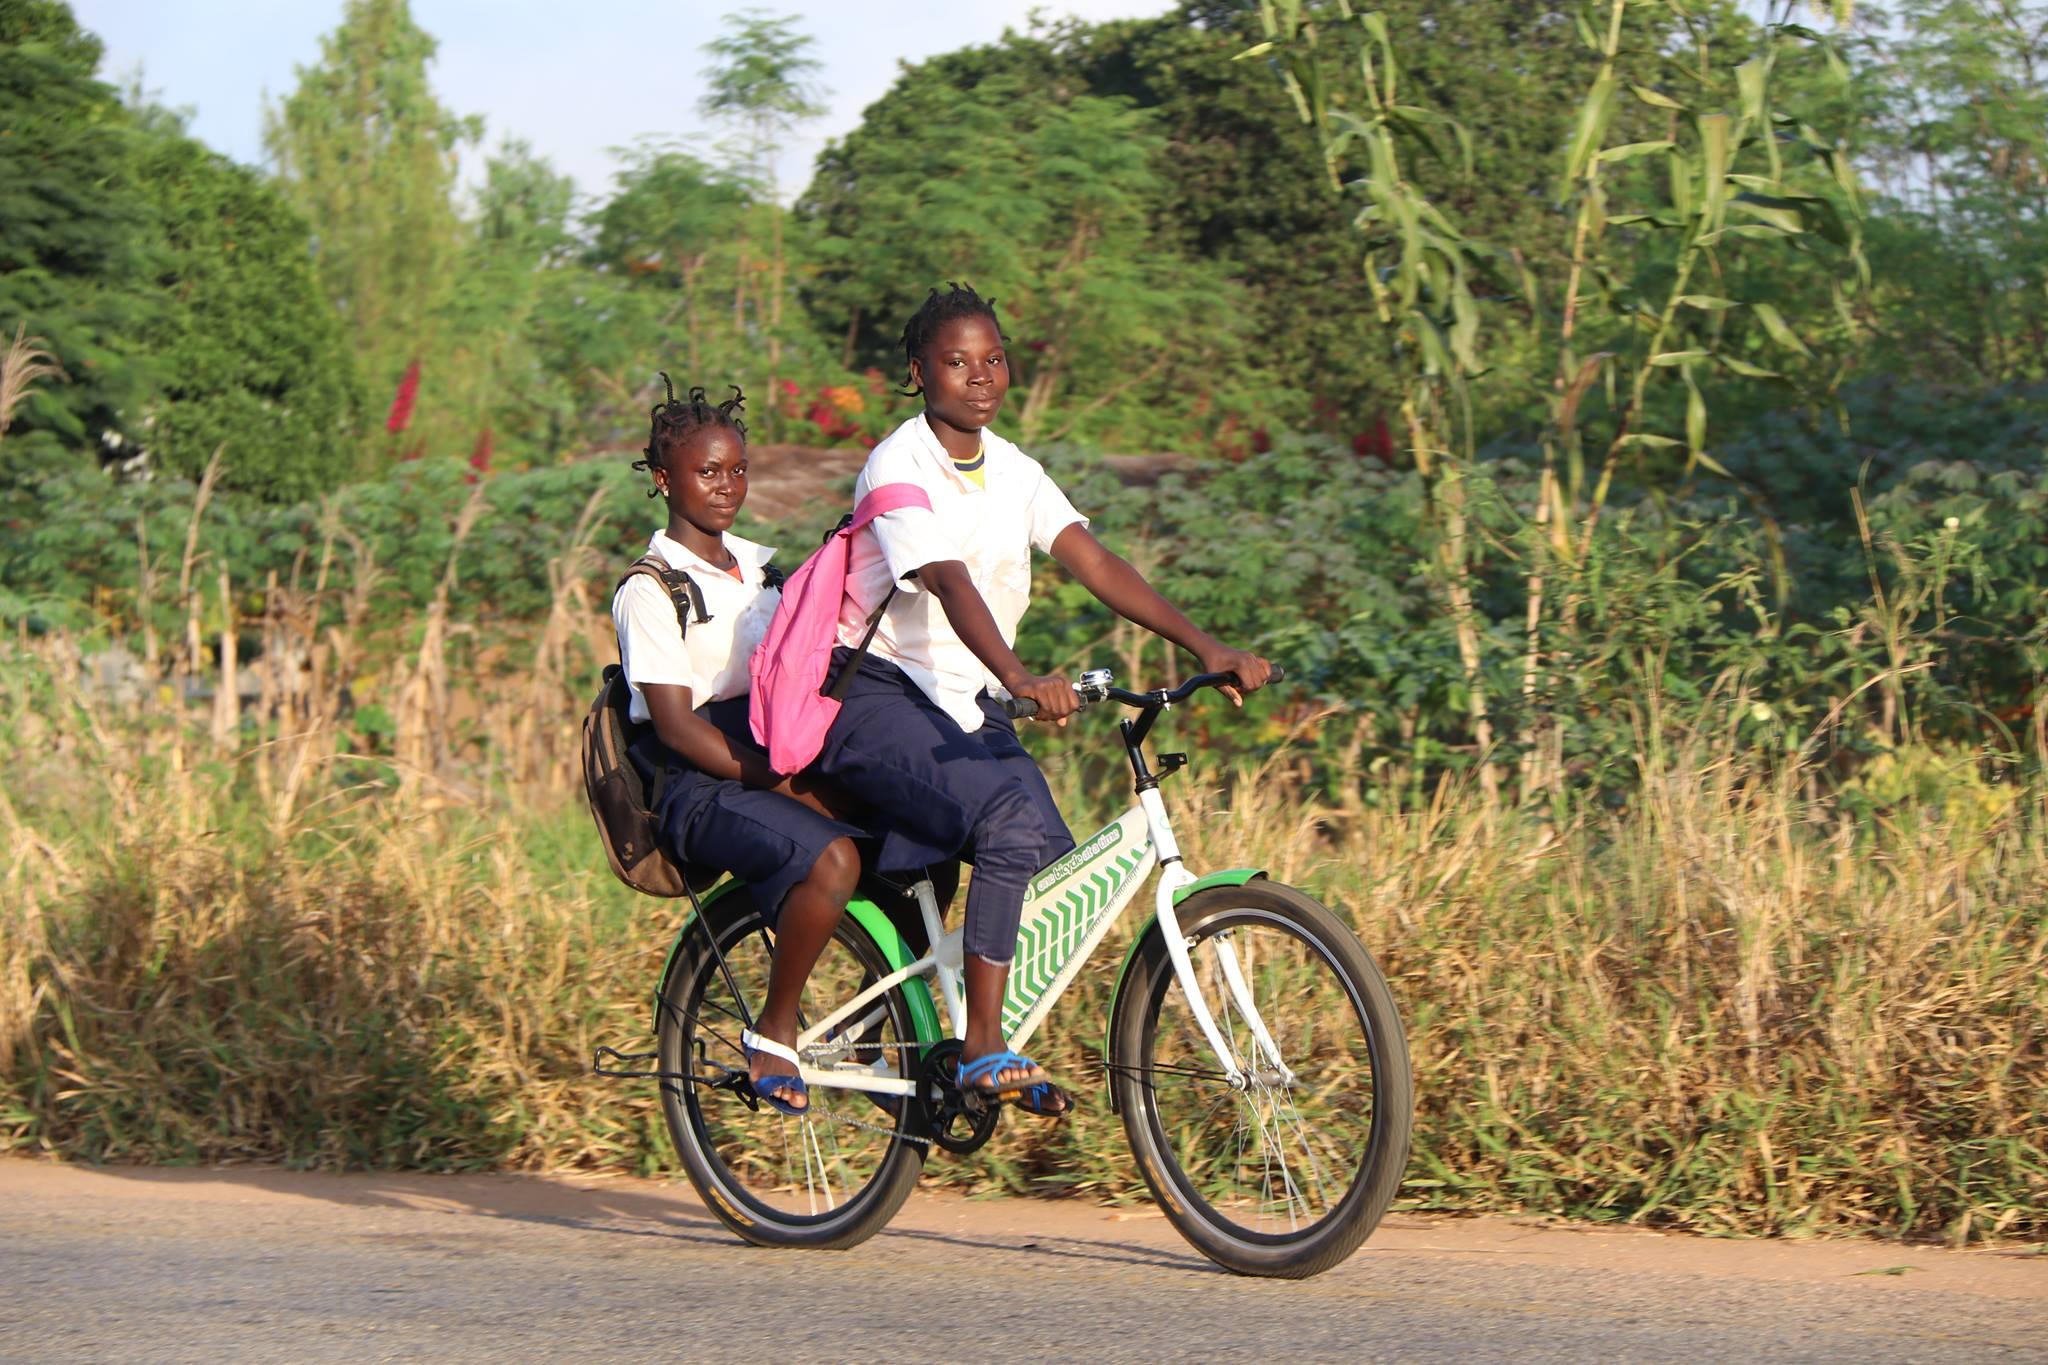 Mozambikes is een fietsproducent die fietsen produceert voor arme mensen in Mozambique.